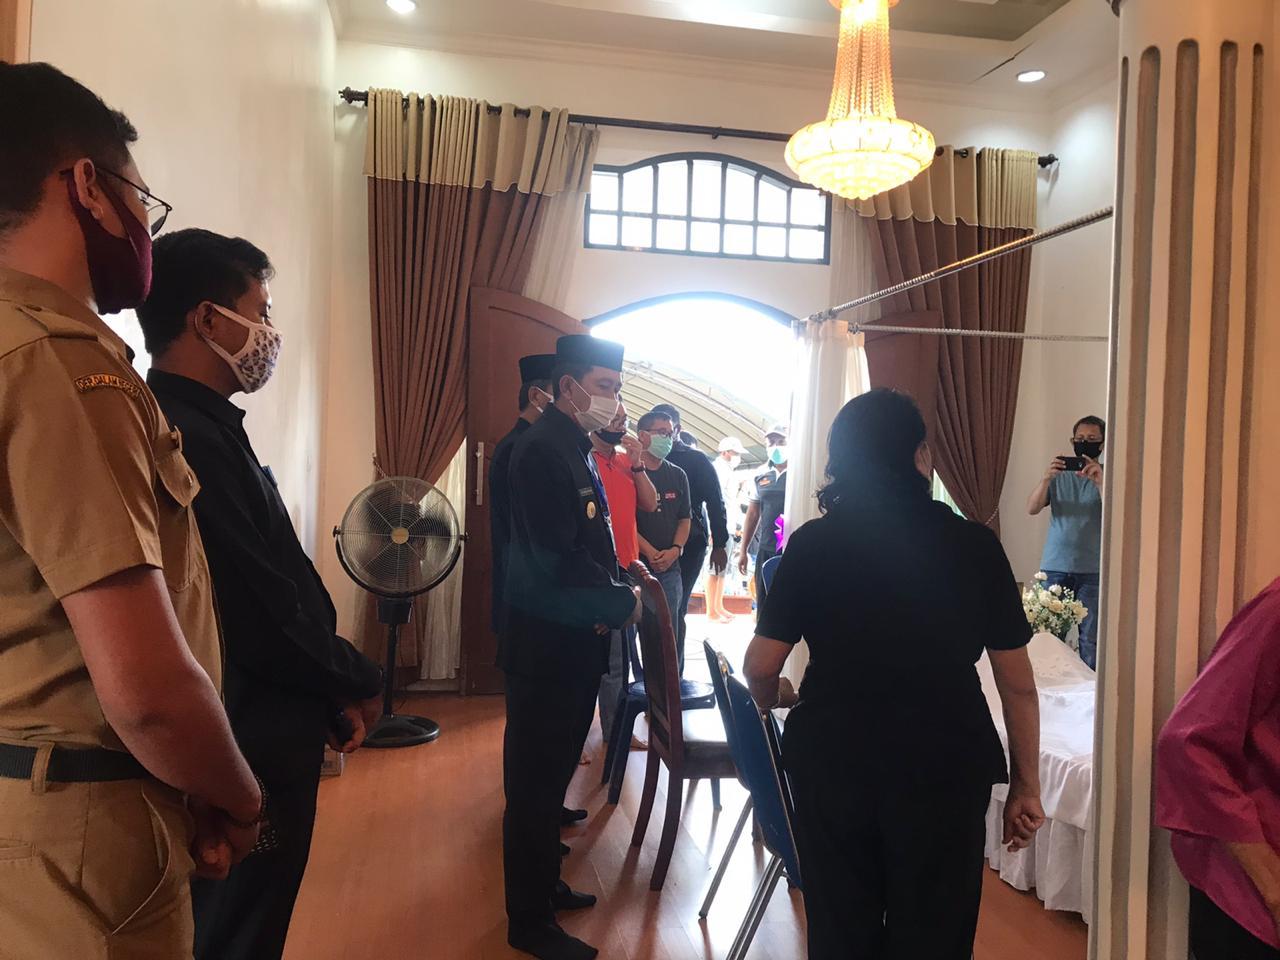 Bupati Barut Melayat di Rumah Duka Almarhum Yusia S. Tingan salah satu tokoh Politikus Dayak Tewoyan di Barito Utara